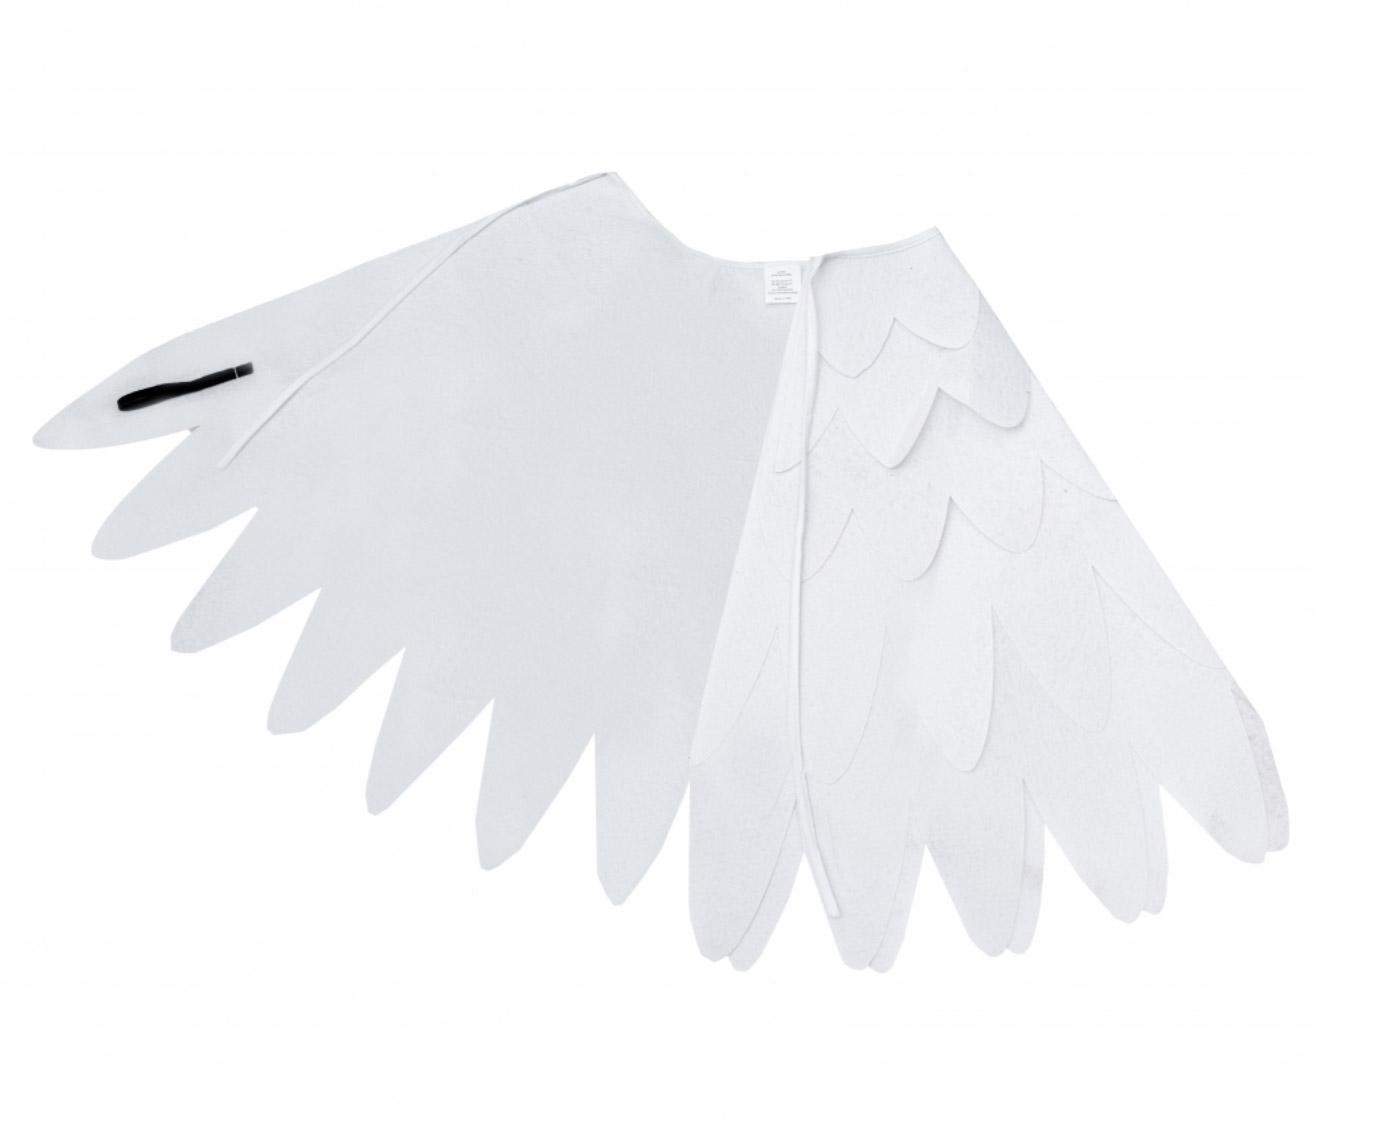 Vleugels 'Vilt Wit'